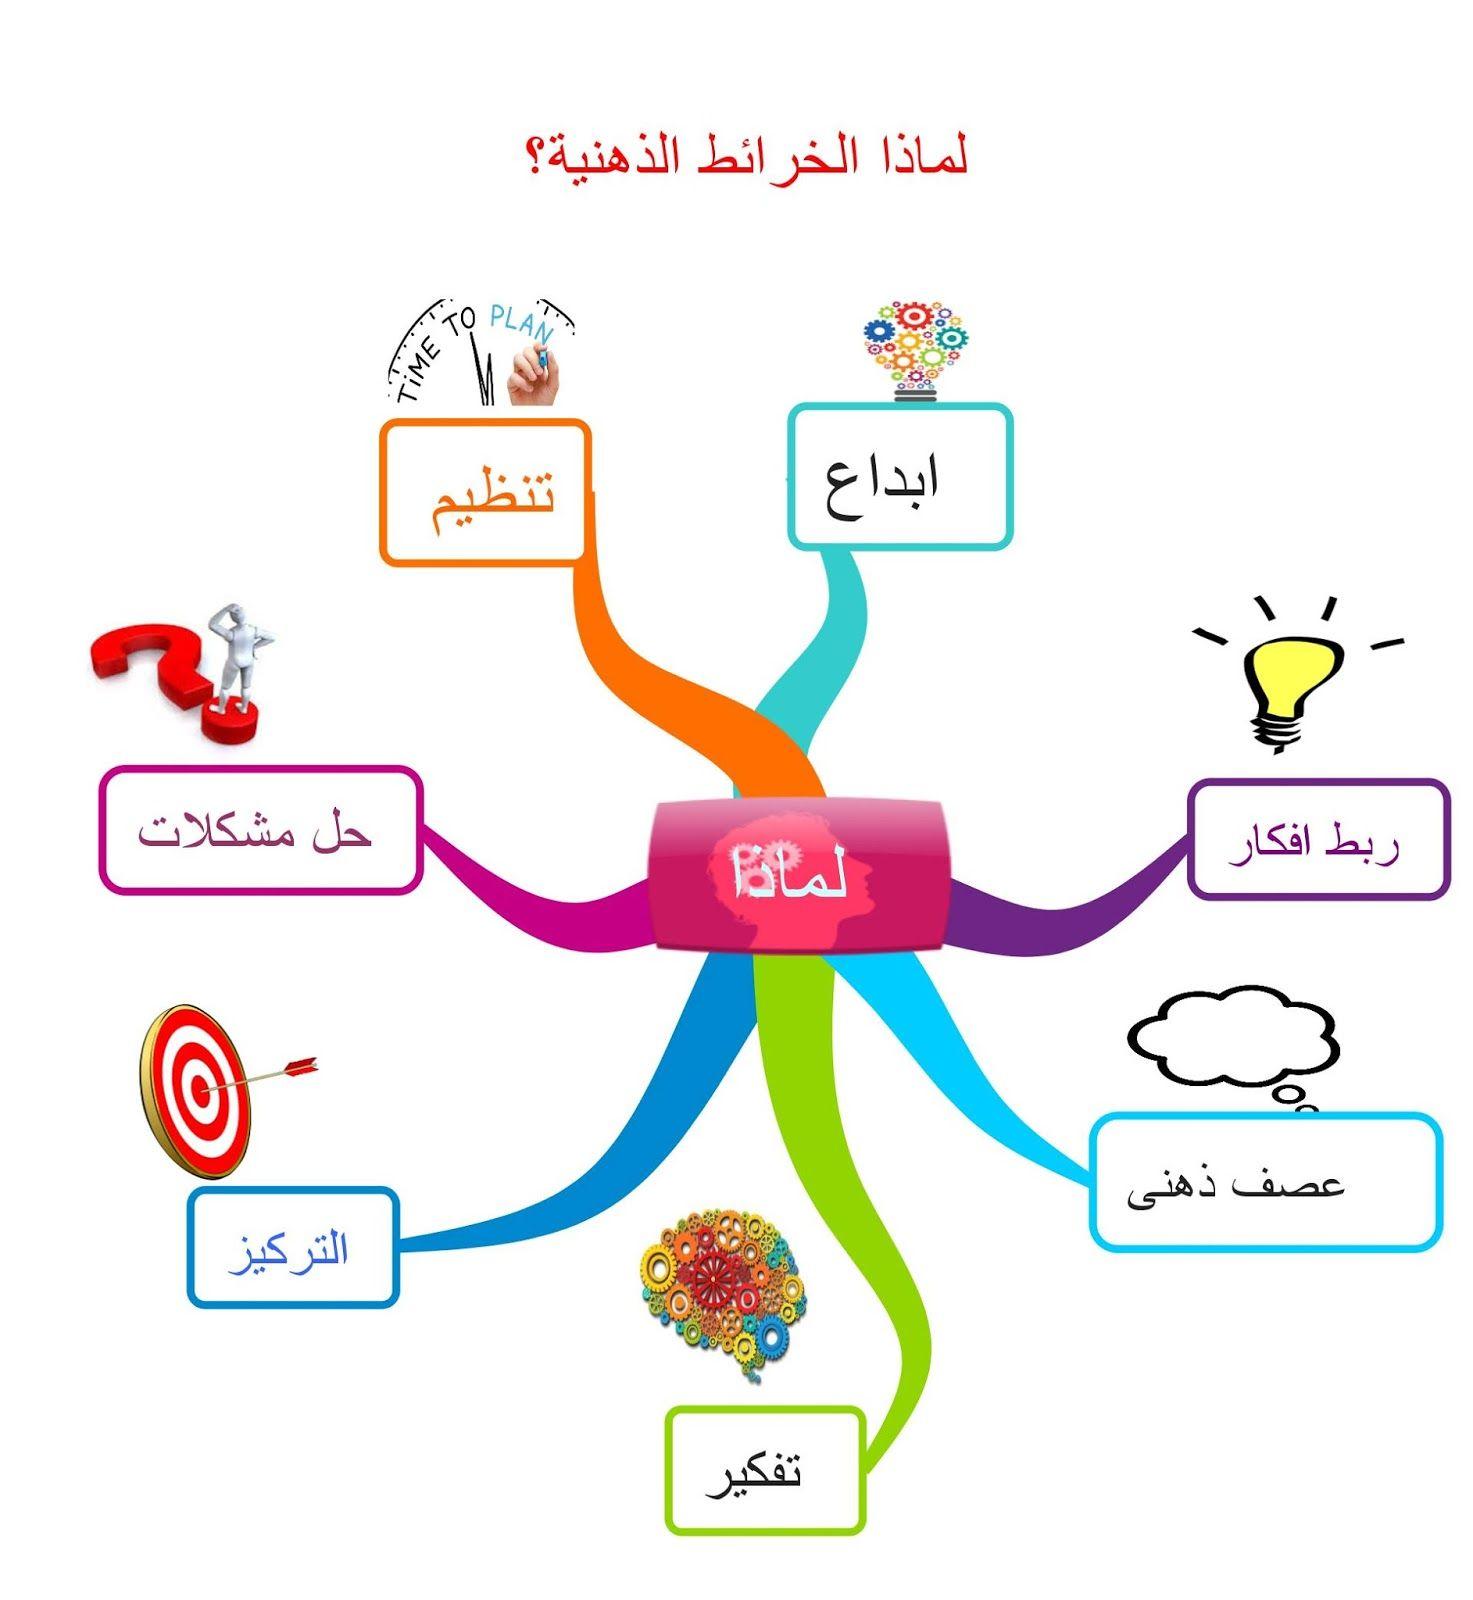 مدونة استخدام الحاسب الآلي في التدريس الخرائط الذهنية Study Skills School Images Skills To Learn